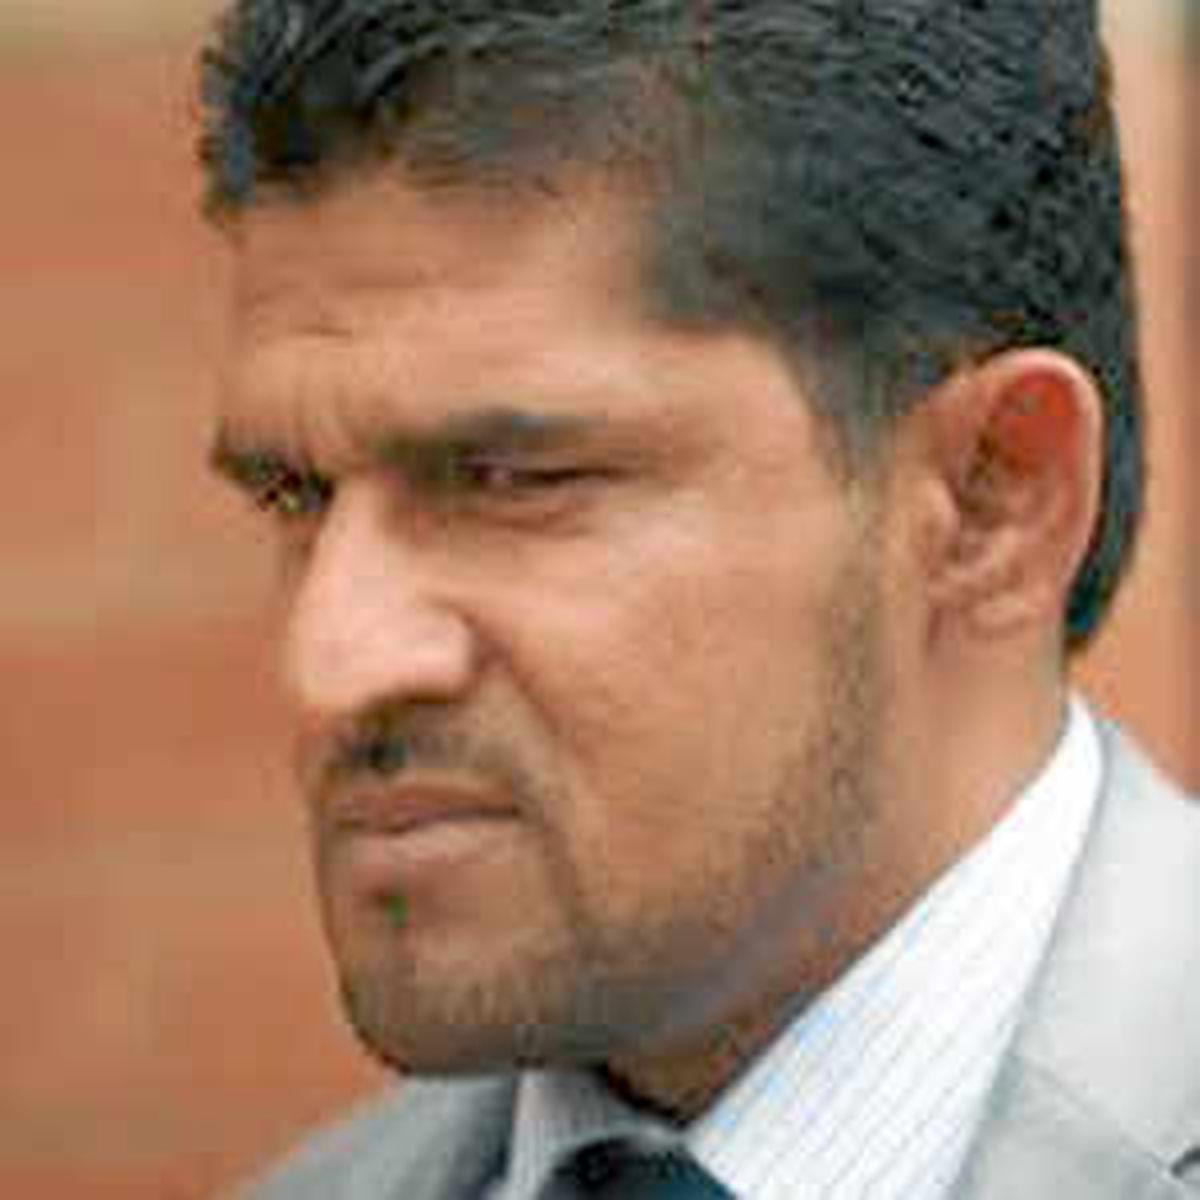 Mahroof Khan, 35